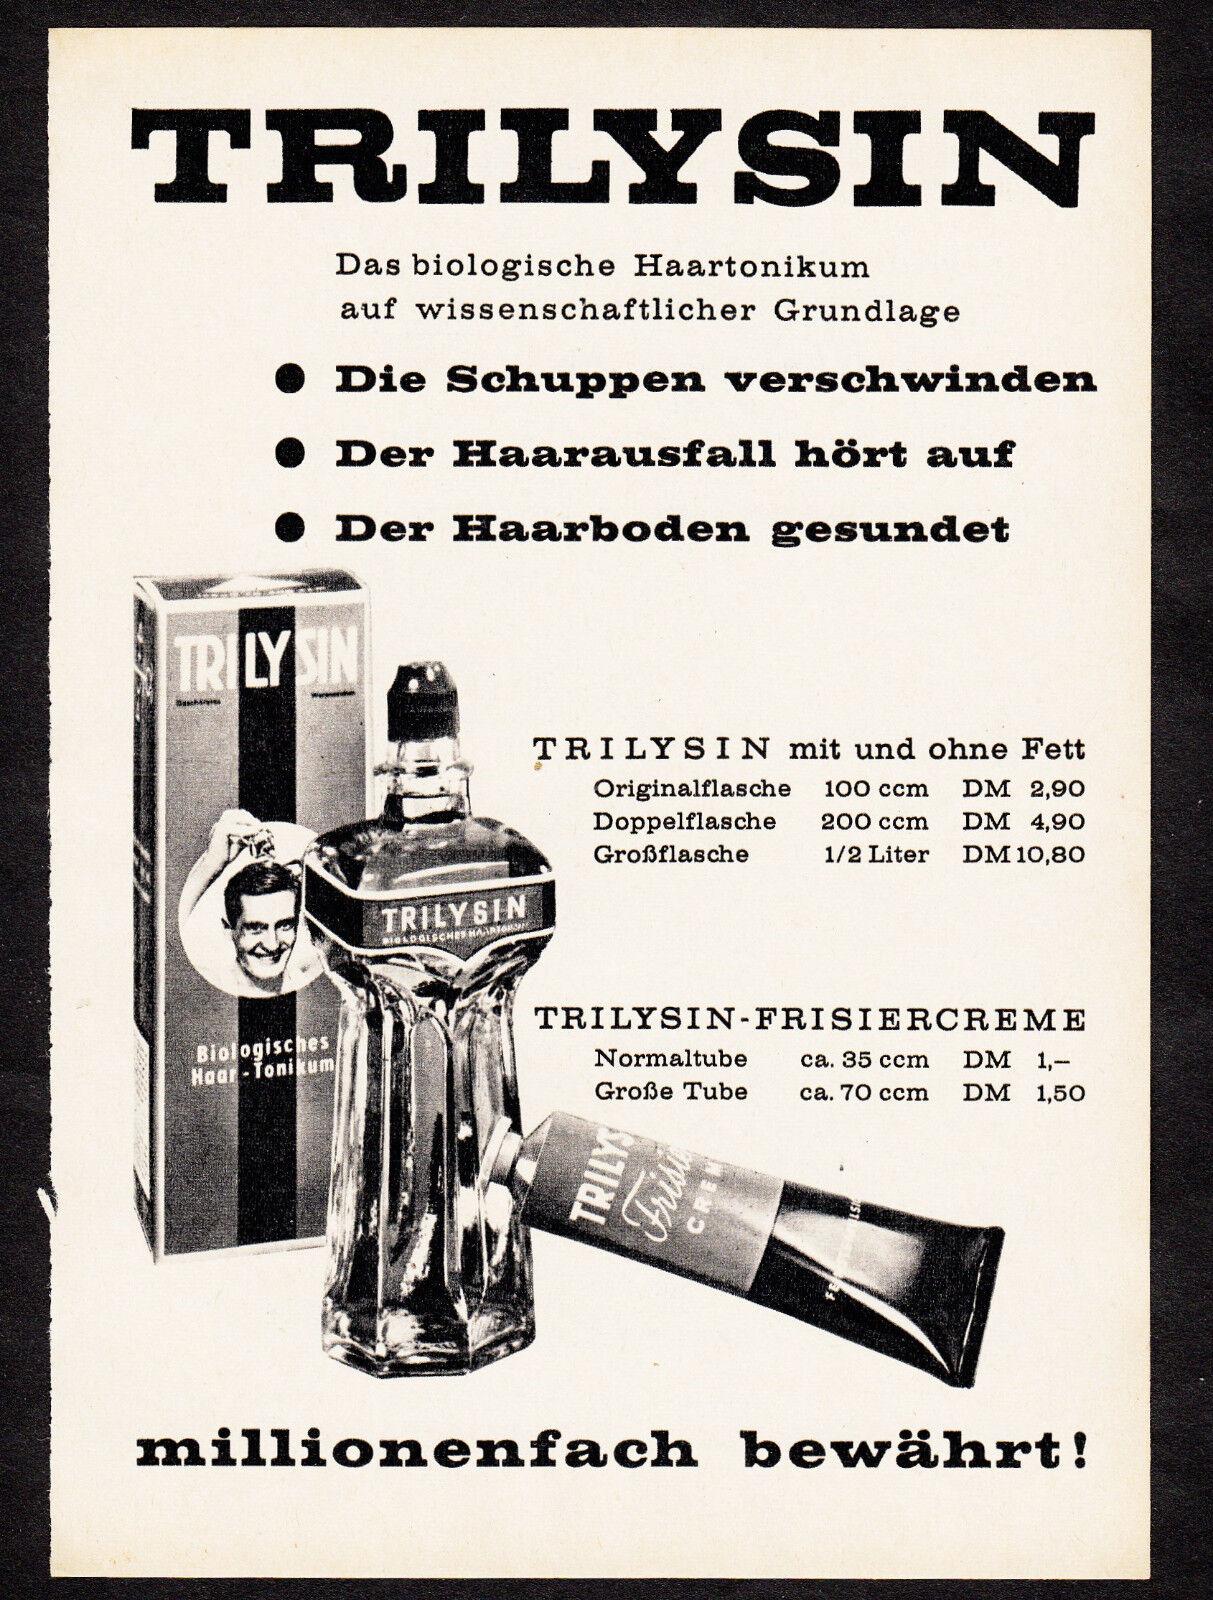 3w02381/ Alte Reklame von 1961 - TRILYSIN - Das biologische Haartonicum